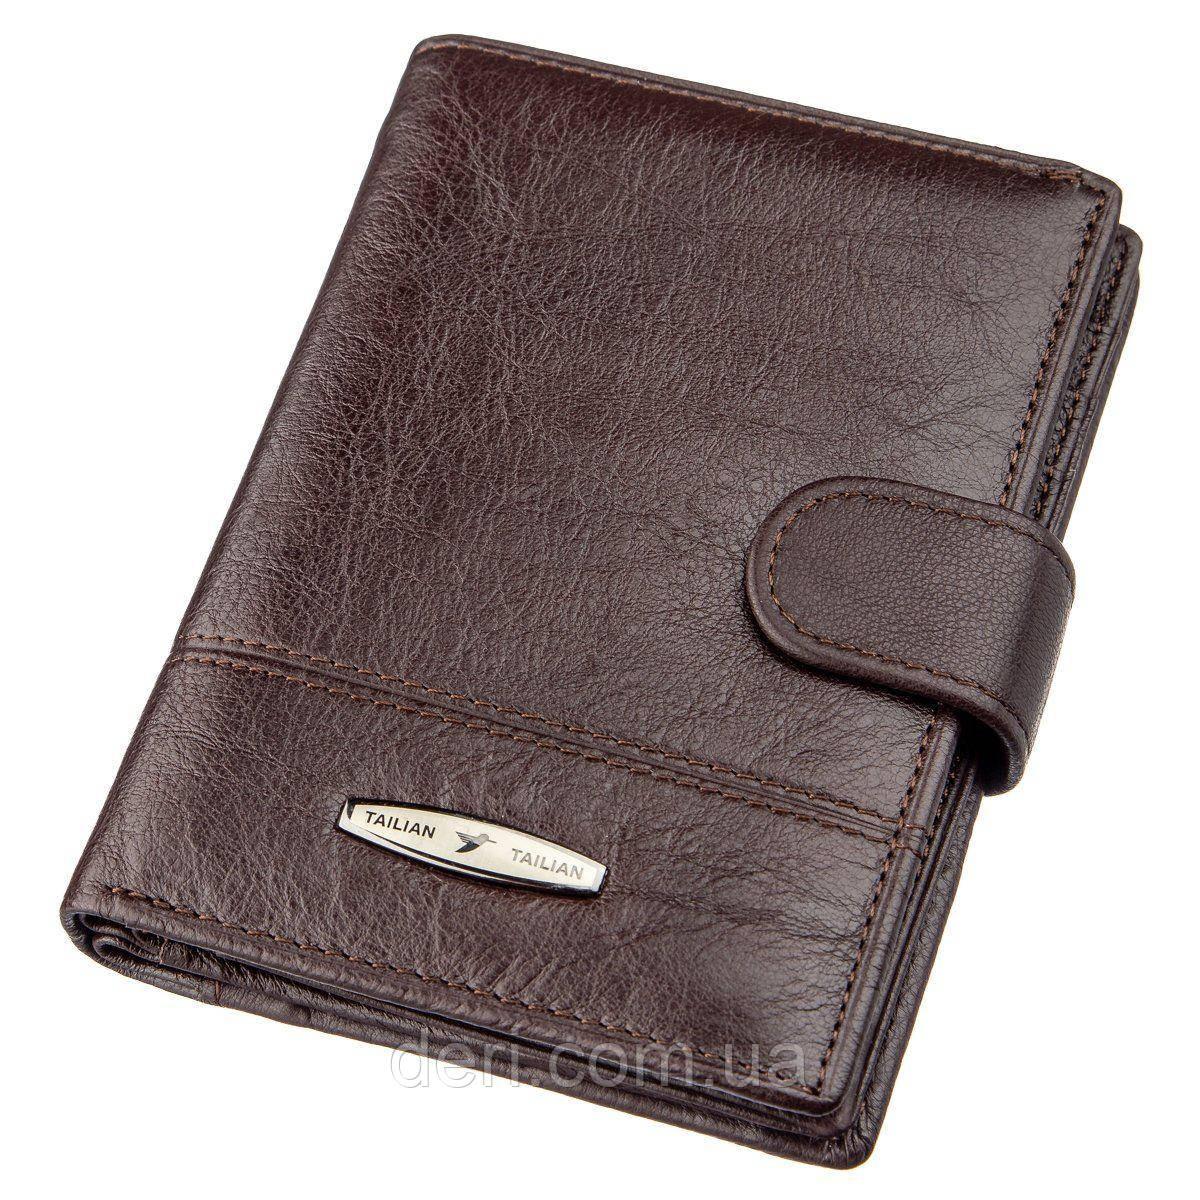 Кошелек мужской кожаный со встроенной обложкой для паспорта TAILIAN 18993 Темно-коричневый, Коричневый